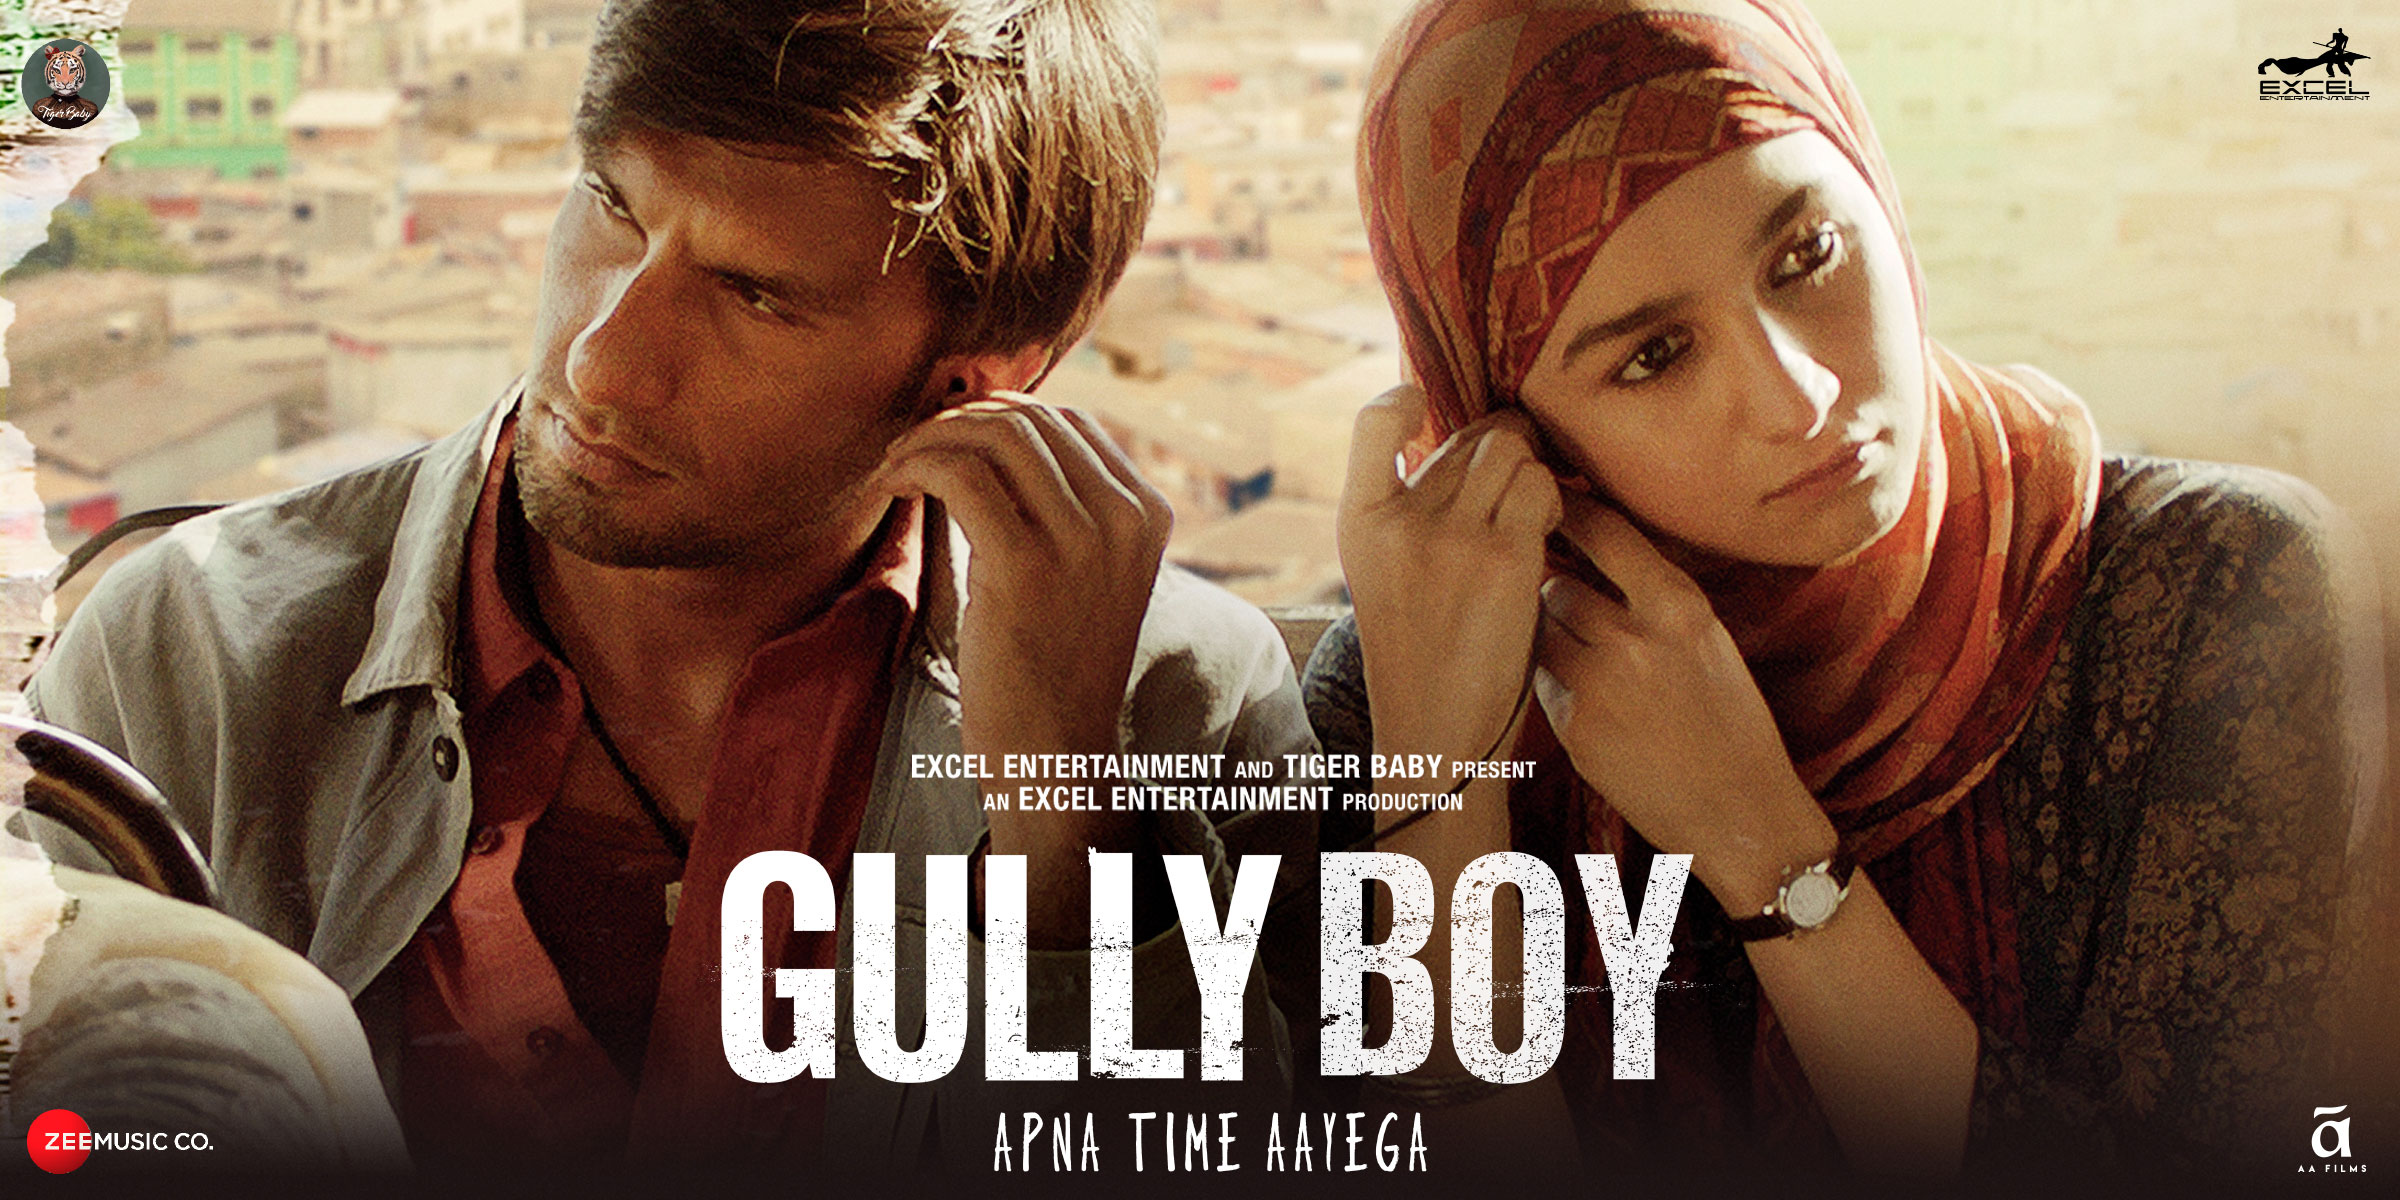 गली बॉय ने एशियाई अकादमी क्रिएटिव अवार्ड्स में जीता सर्वश्रेष्ठ फीचर फिल्म का पुरस्कार